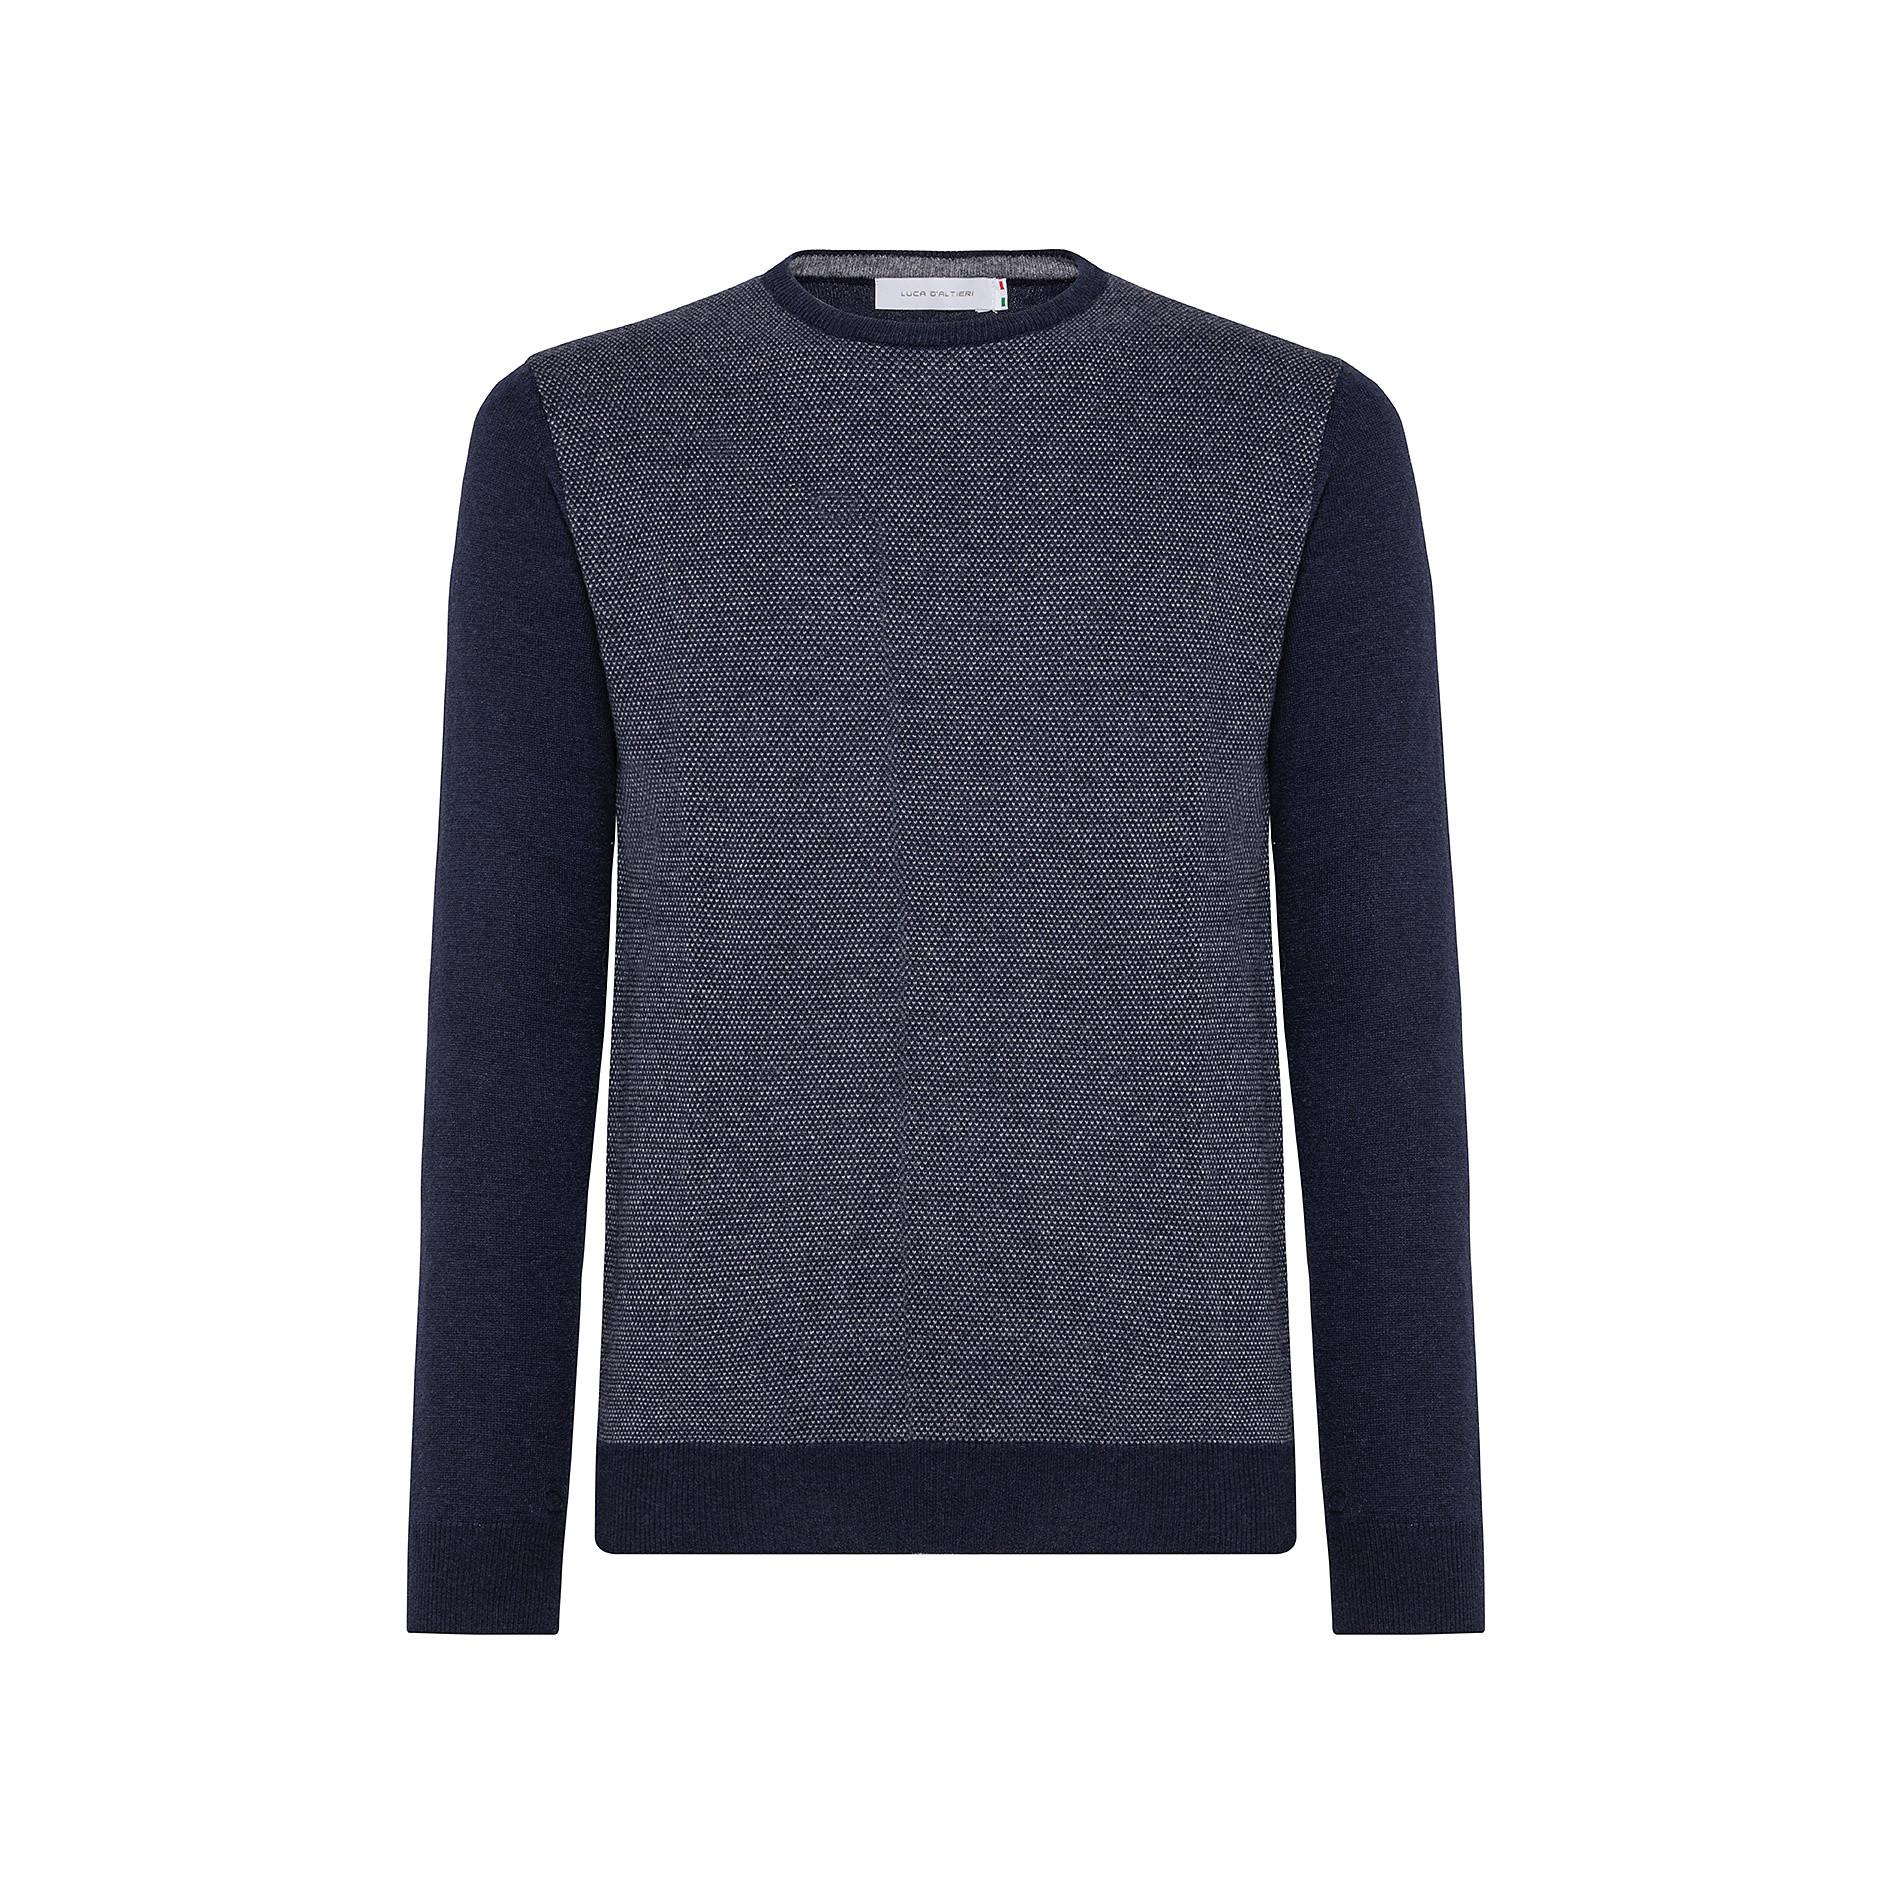 Pullover girocollo misto lana motivo piquet, Blu, large image number 0